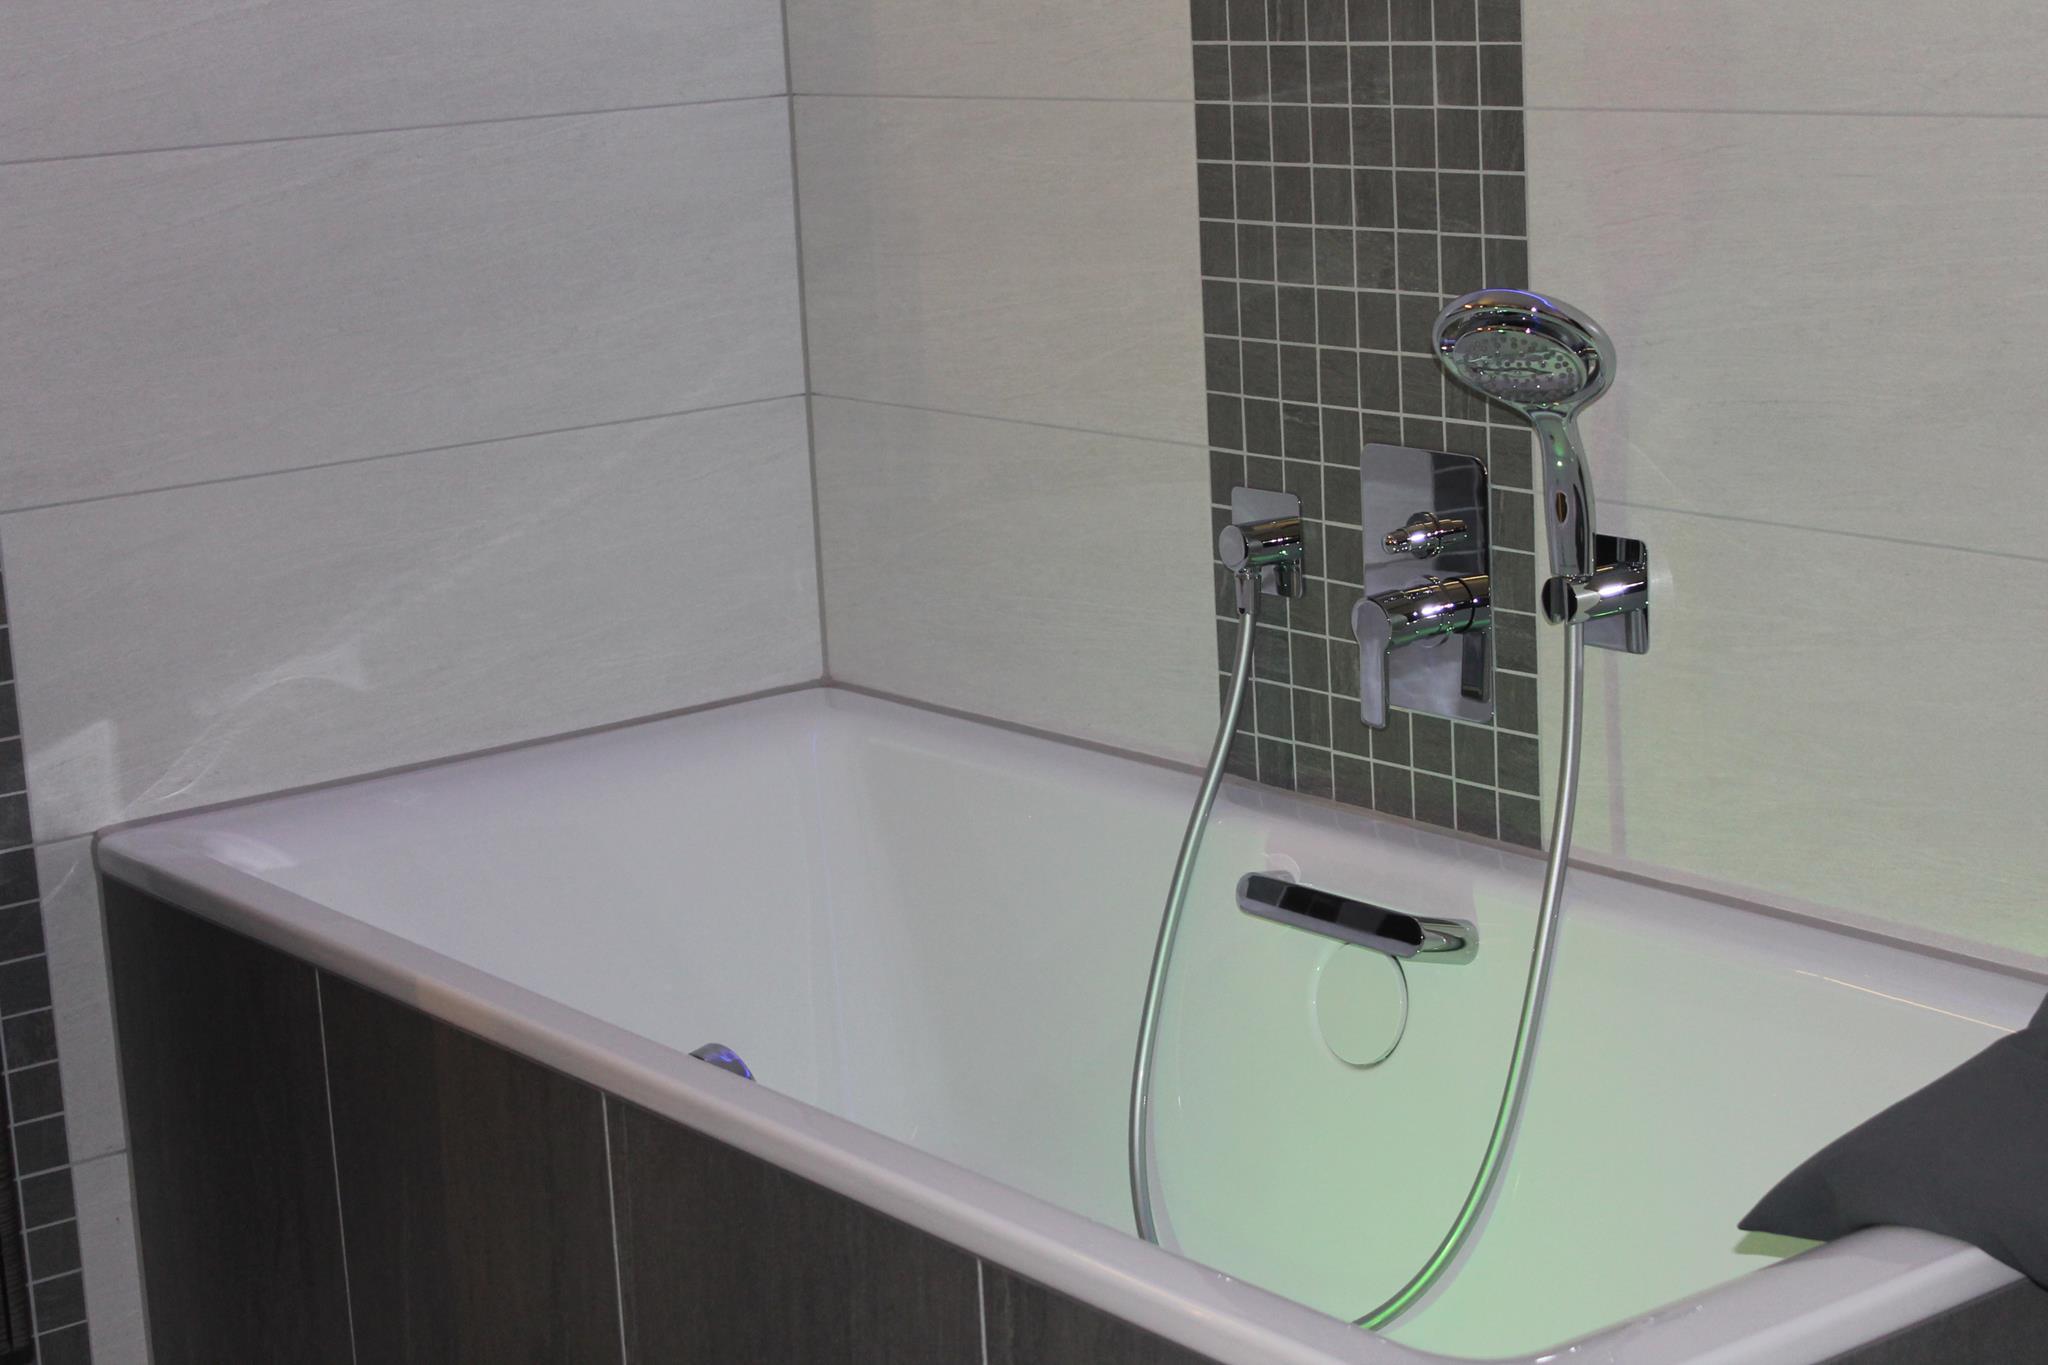 Armaturen Bad Hersteller armaturen bad hersteller wasserhahn arzal fr waschbecken mit und